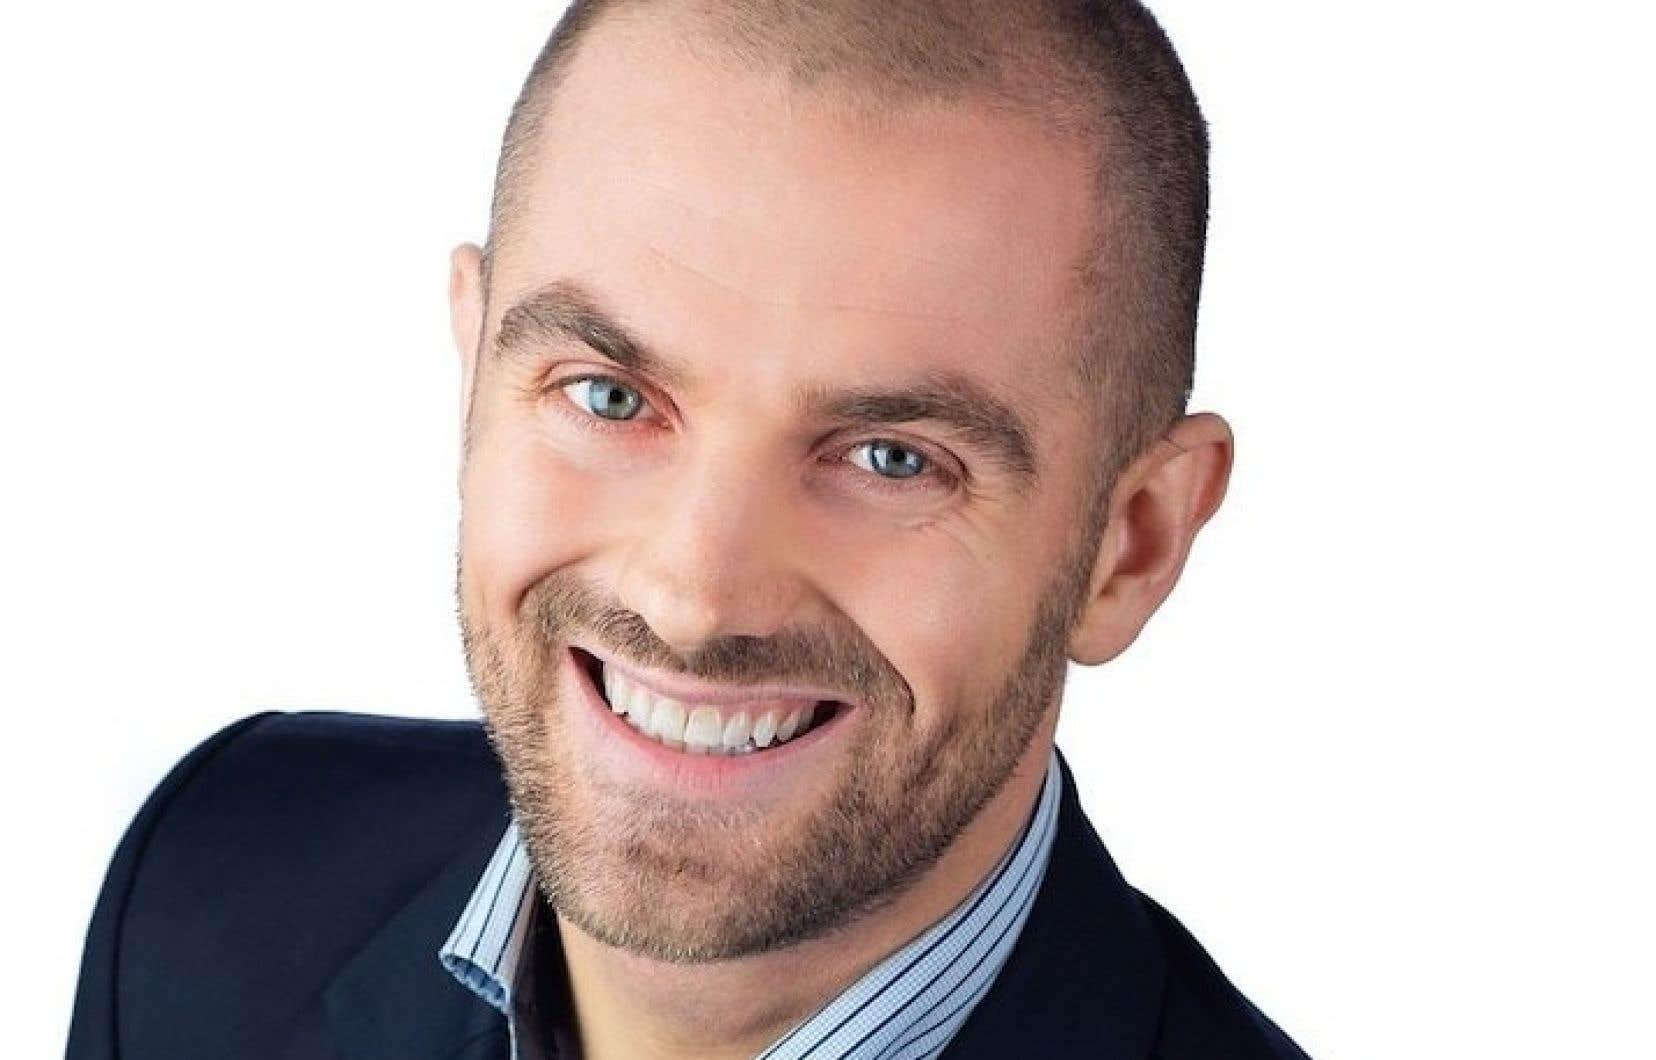 Josh Underhayétait le candidat des Verts dans la circonscription de Charlottetown-Hillsborough Park.